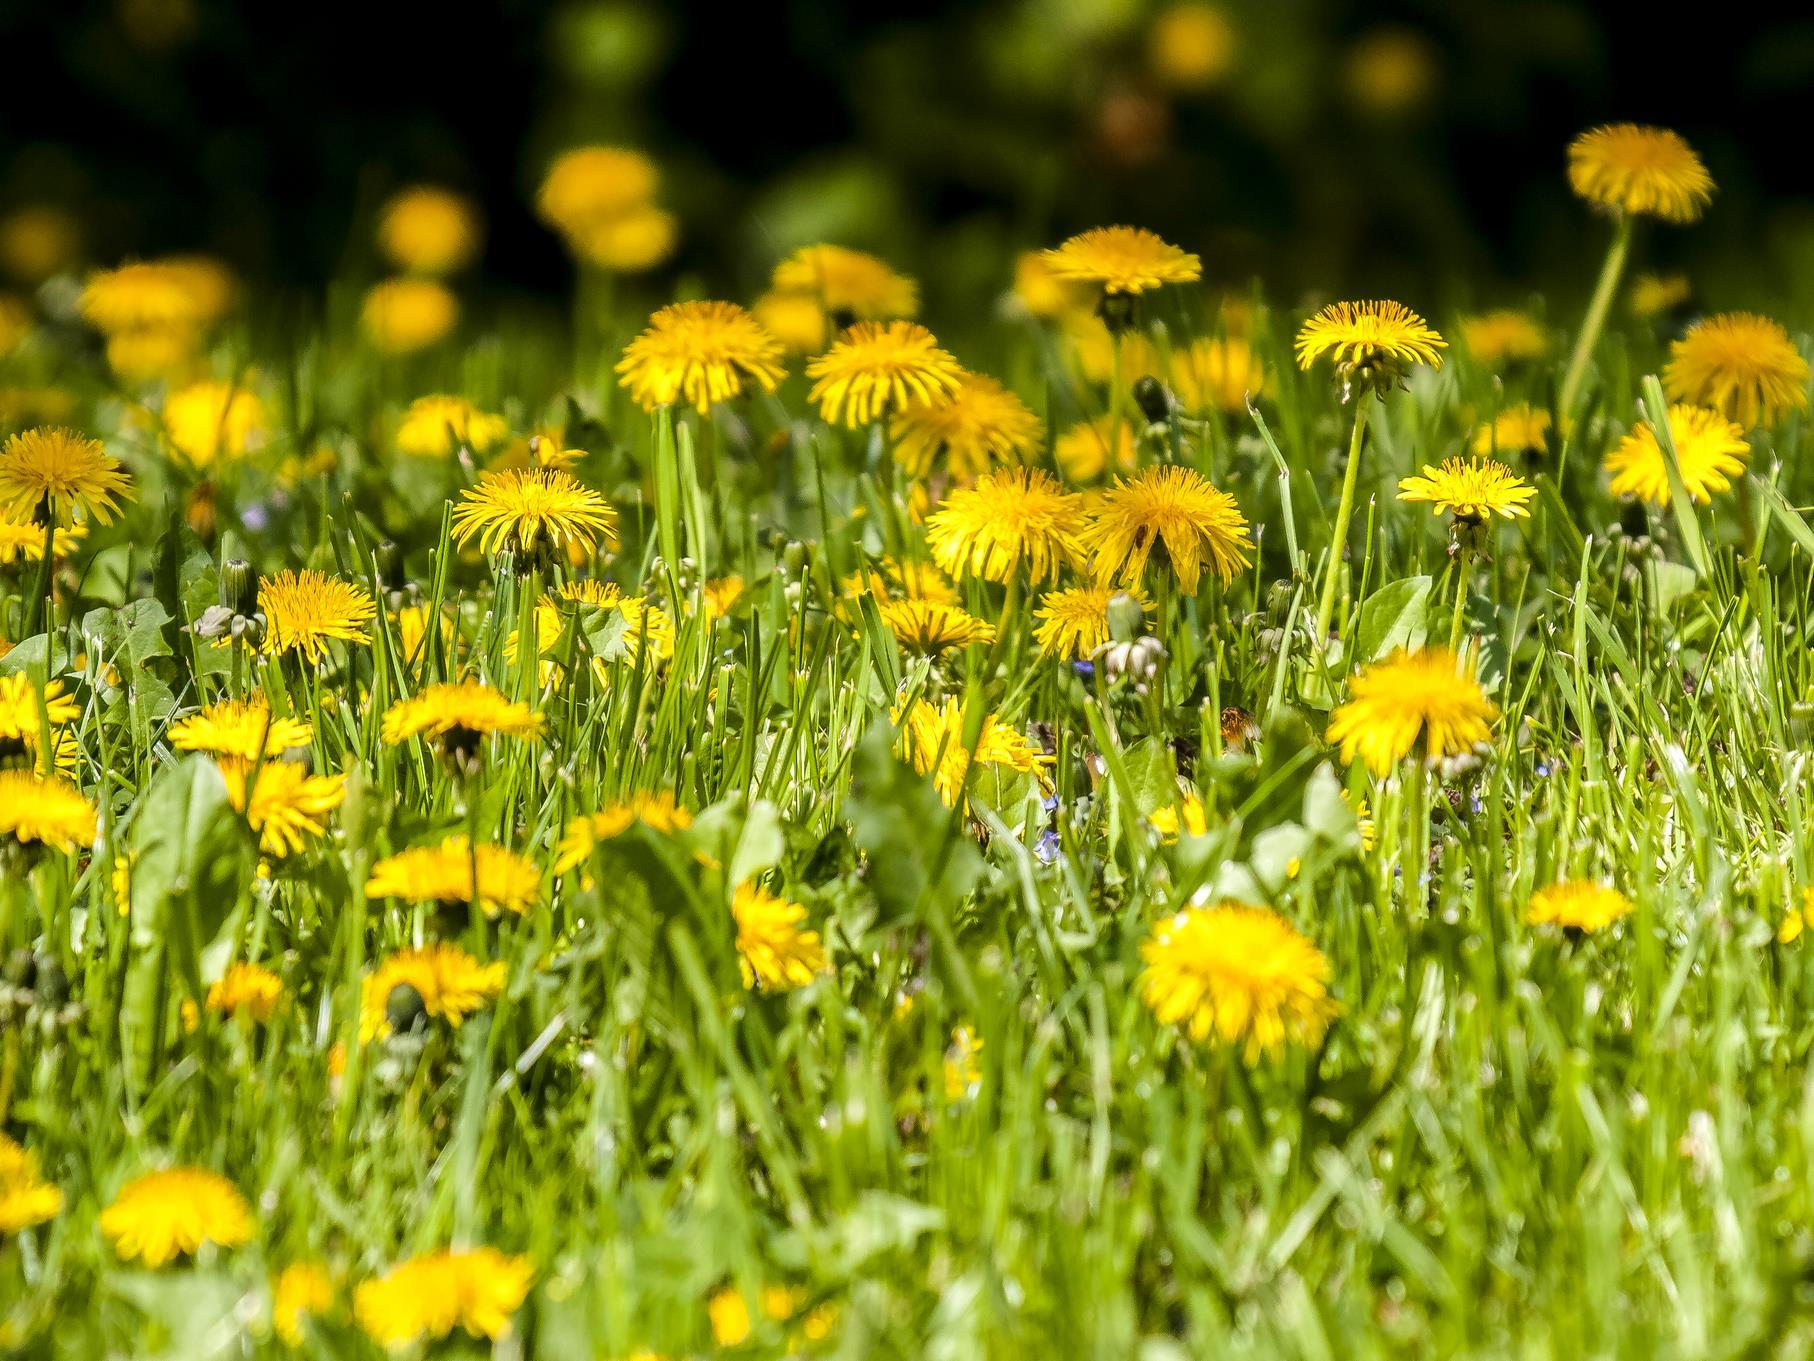 Viele Löwenzahnblüten locken zahlreiche Insekten an. Alle Bilder: Kathy Büscher.